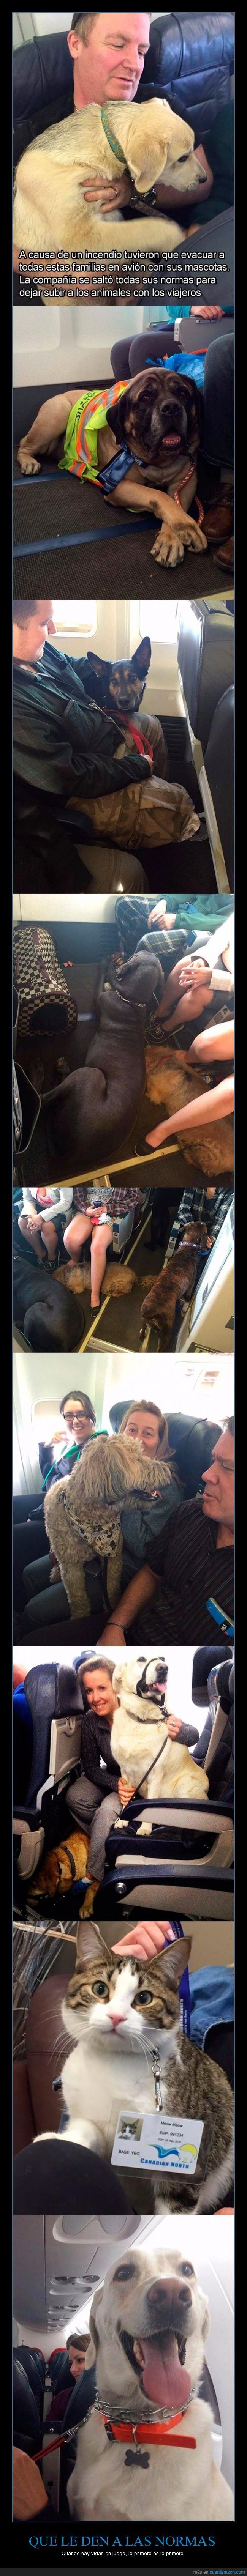 avion,familia,incendio,mascota,montar,perro,salvar